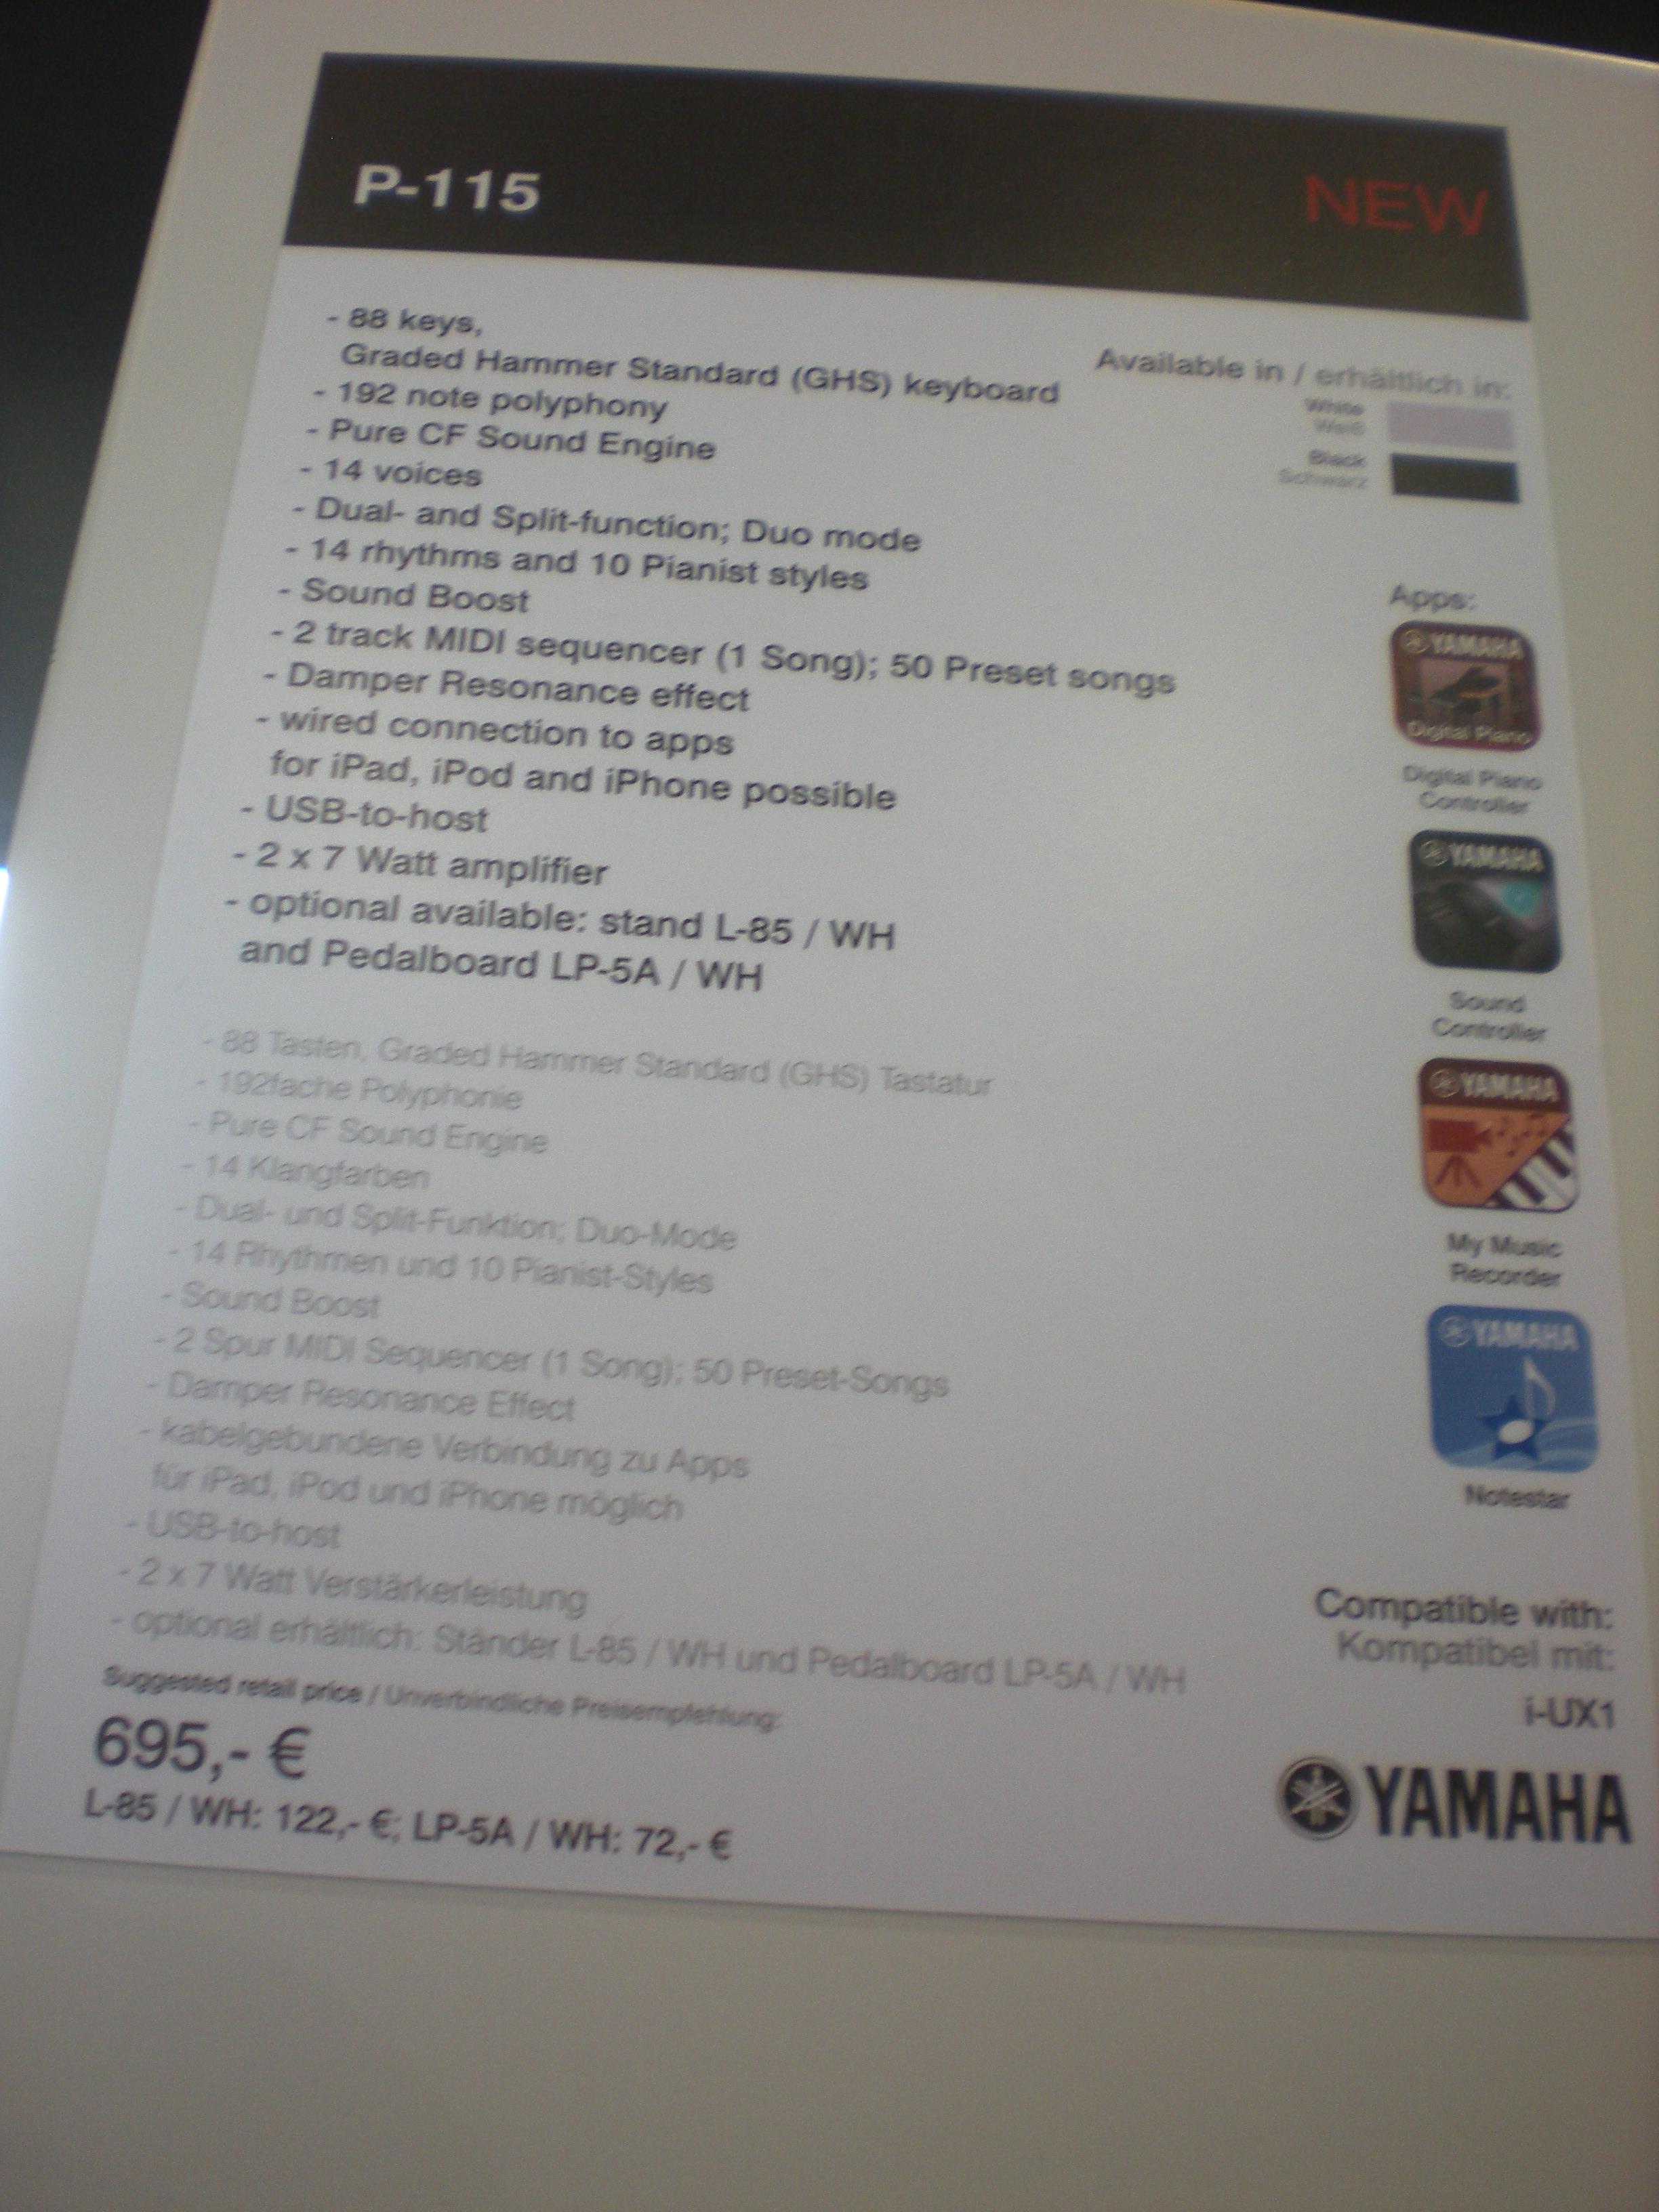 Yamaha P-115 - specyfikacje